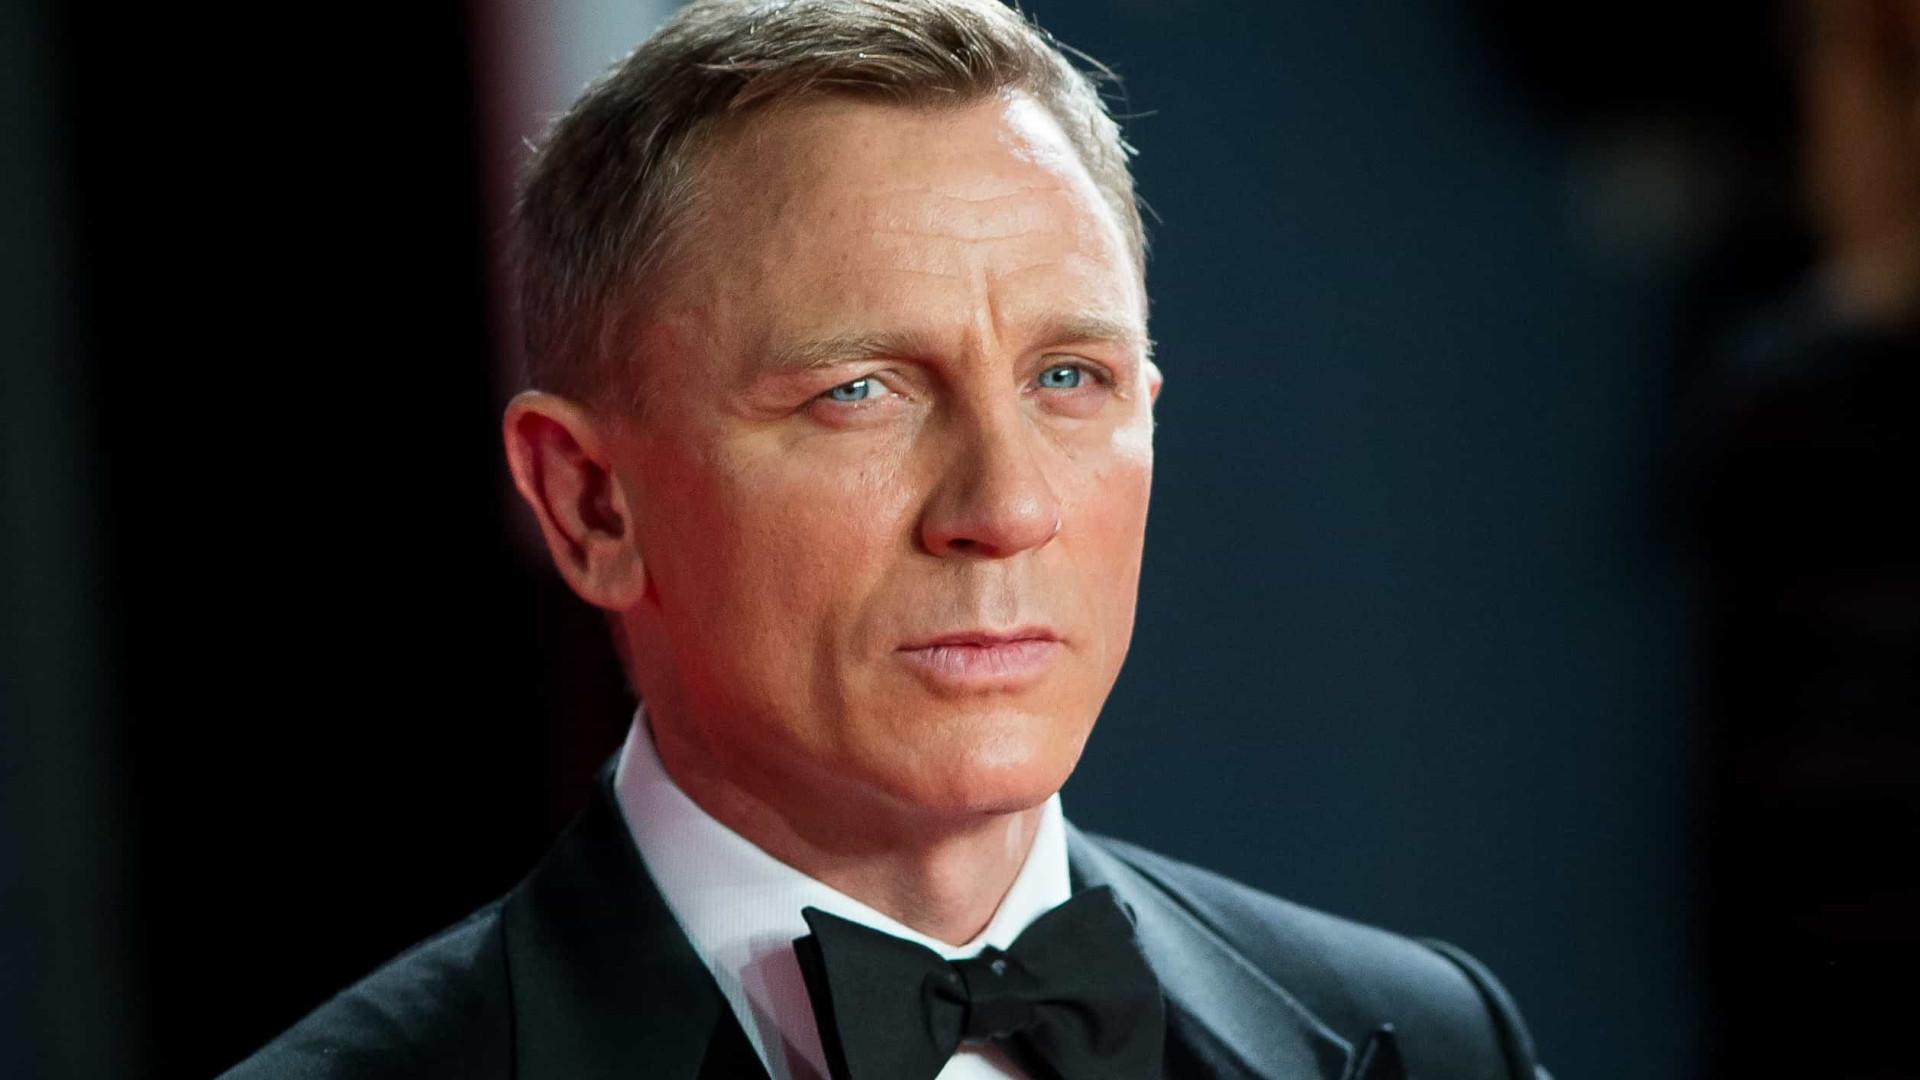 Daniel Craig revela que frequenta bares gays para evitar brigas